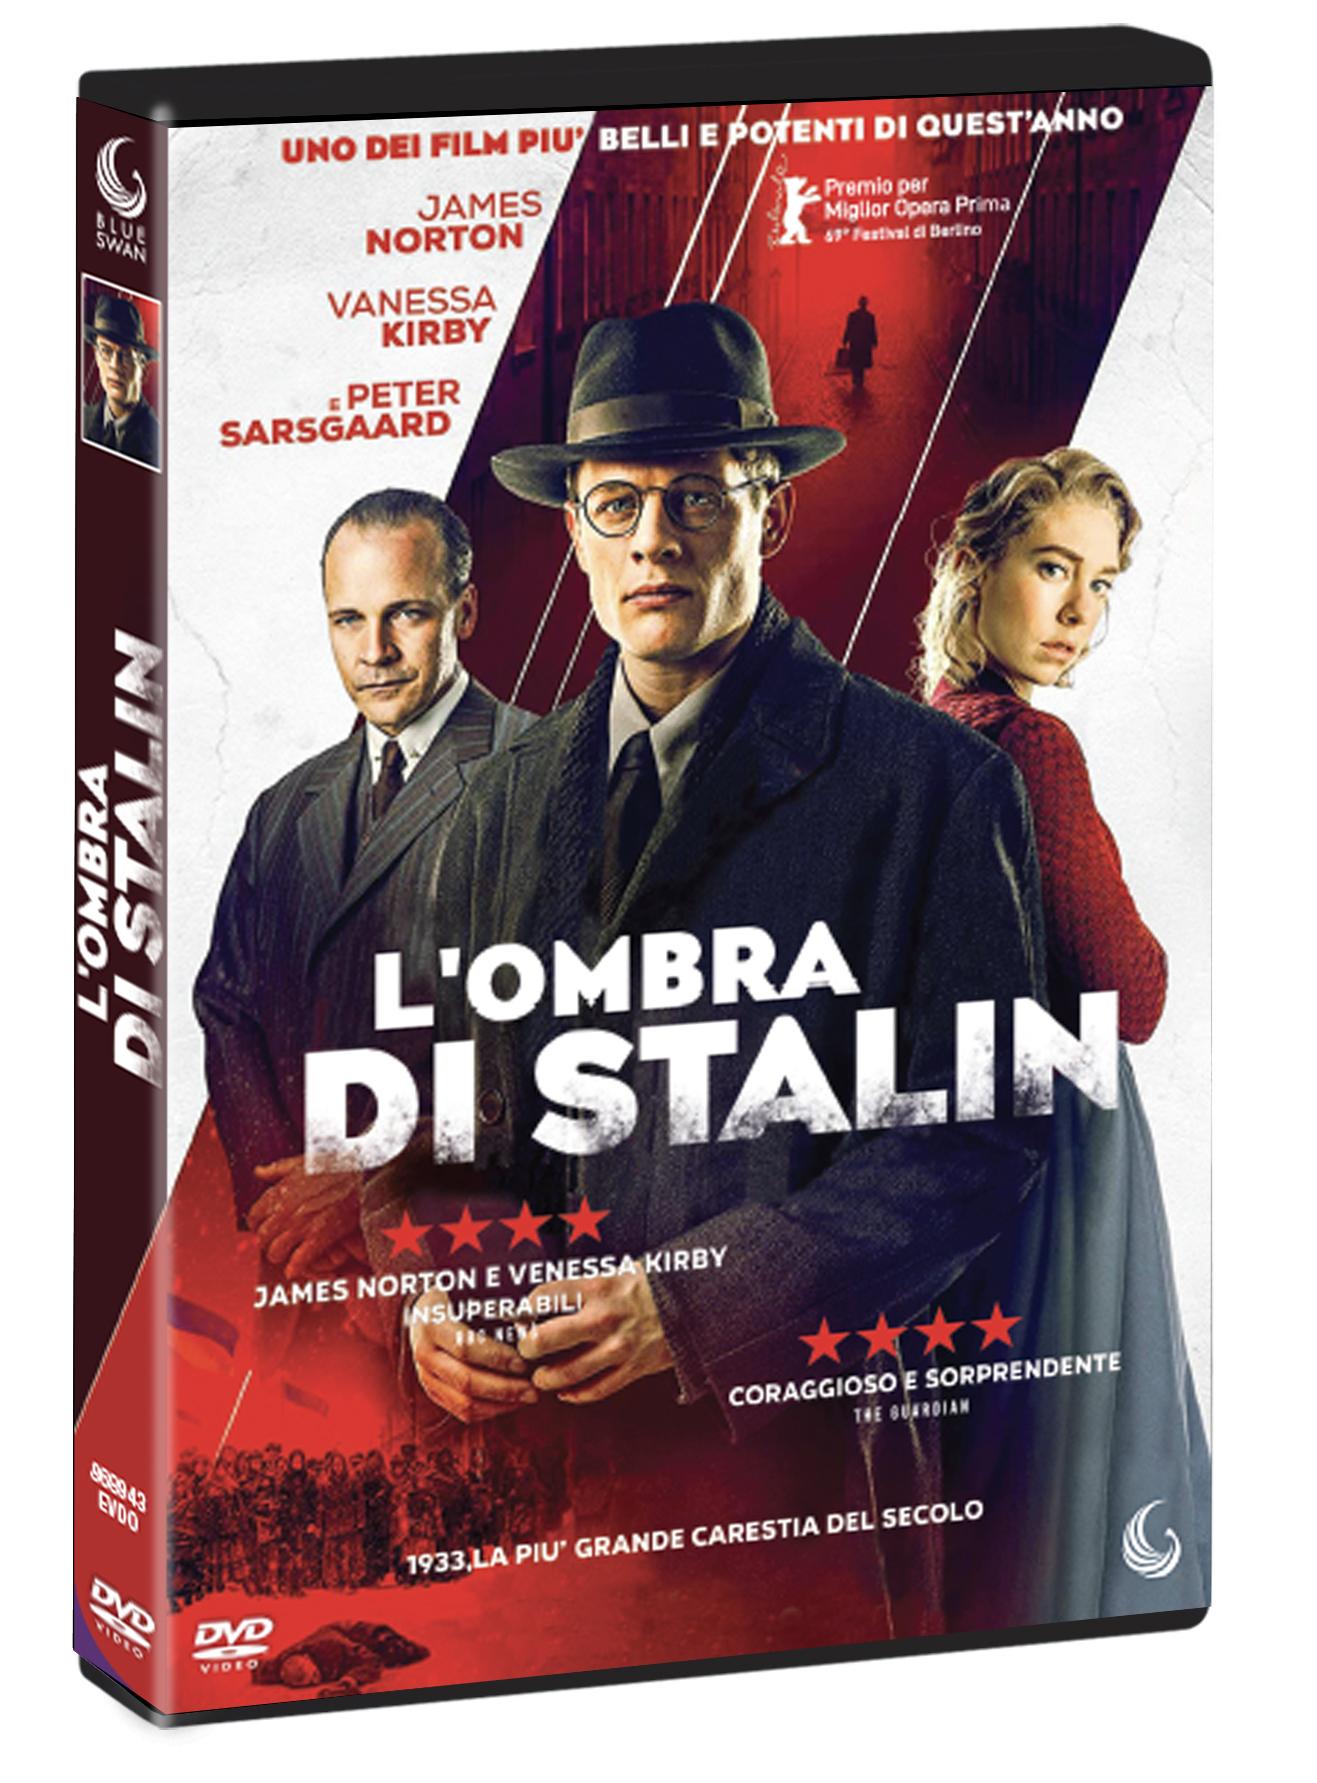 L'OMBRA DI STALIN (DVD)